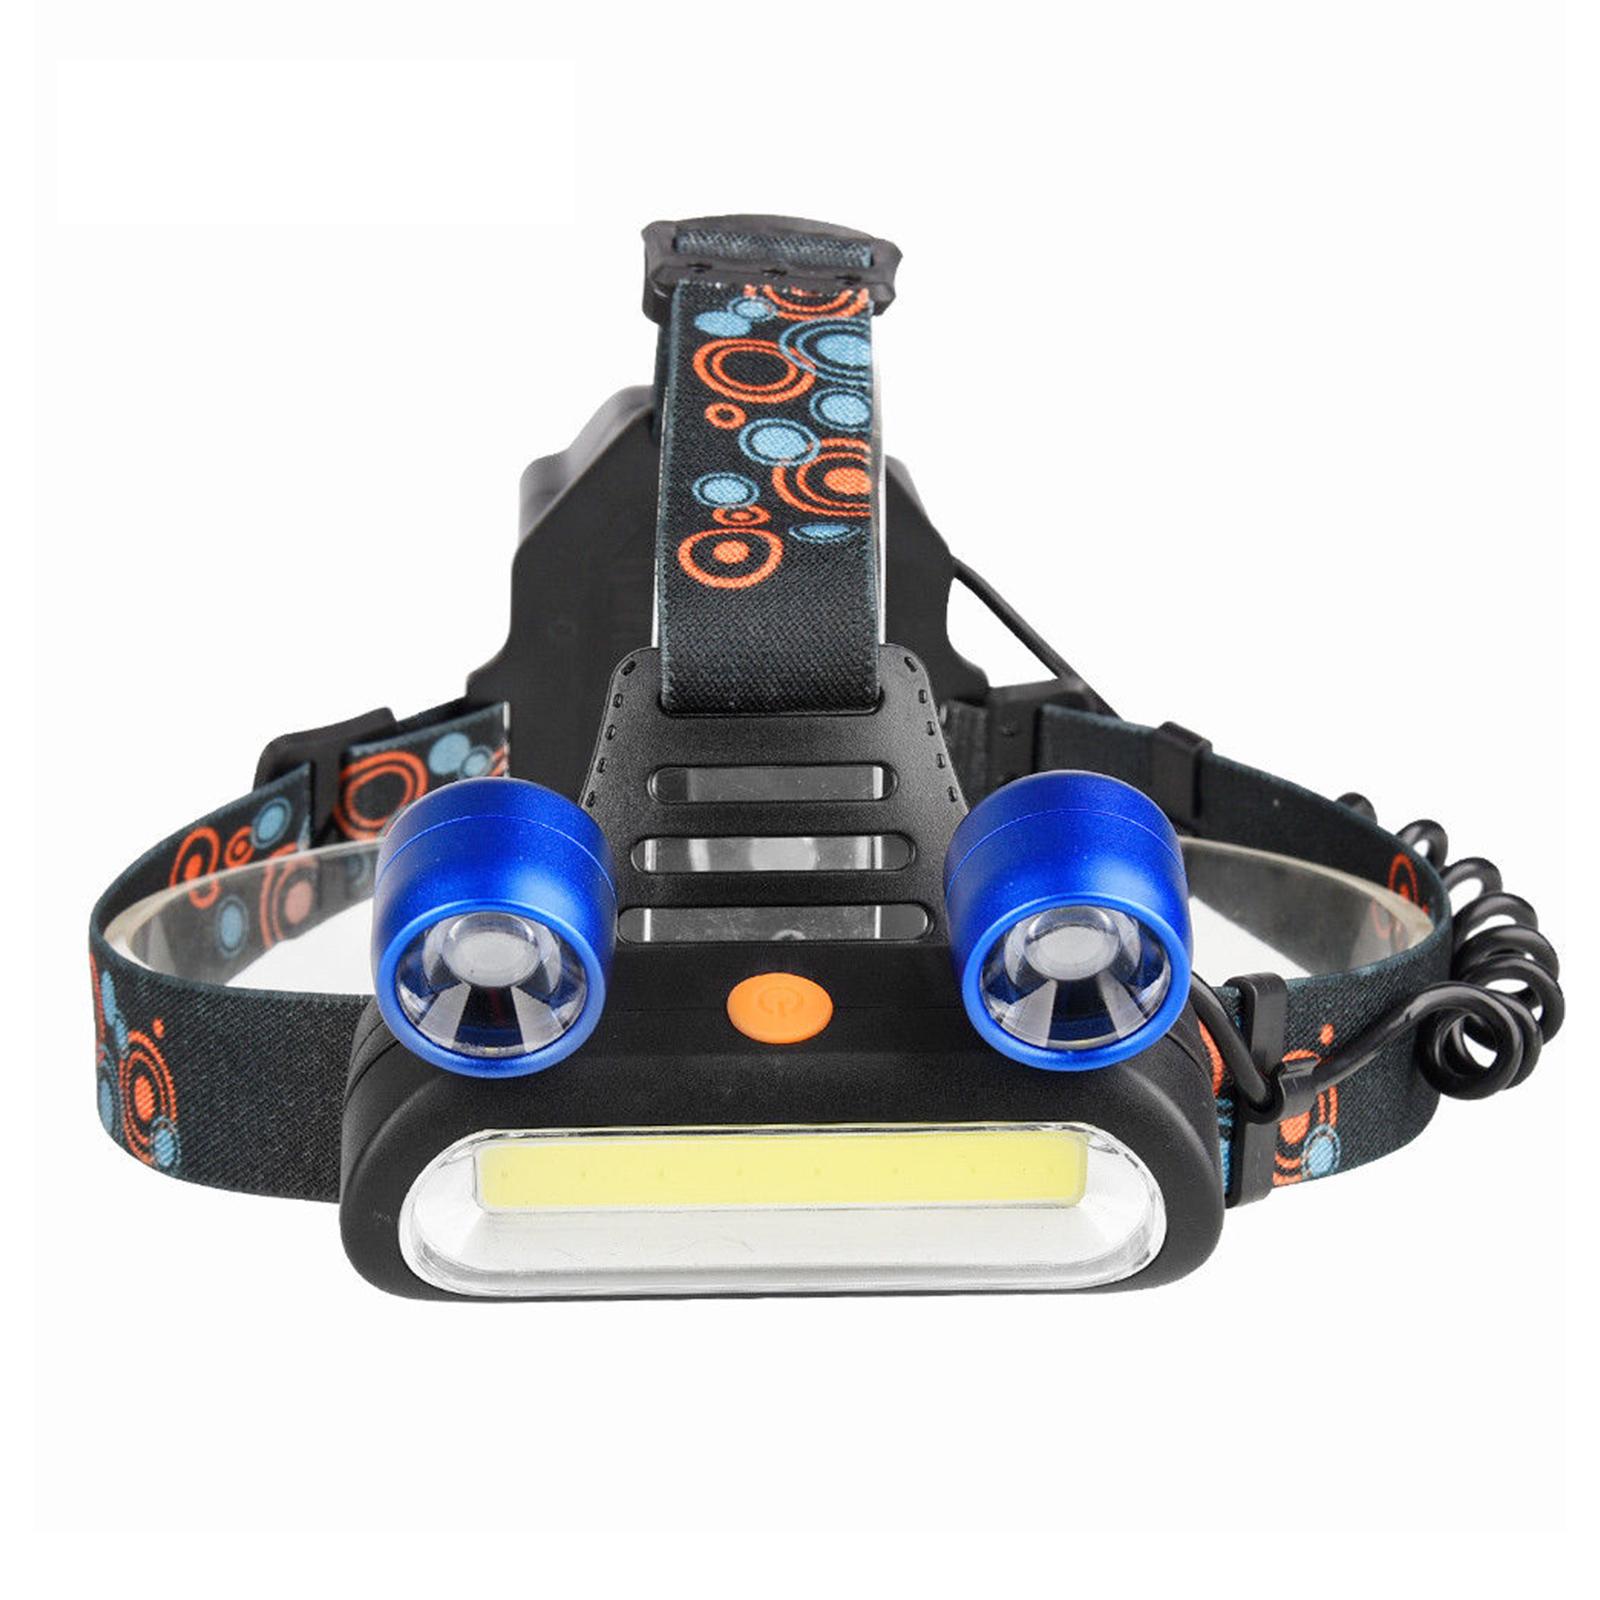 EEEKit 1800LM 2 x XM-L T6 LED COB USB Rechargeable Head Light Headlamp Flashlight Torch